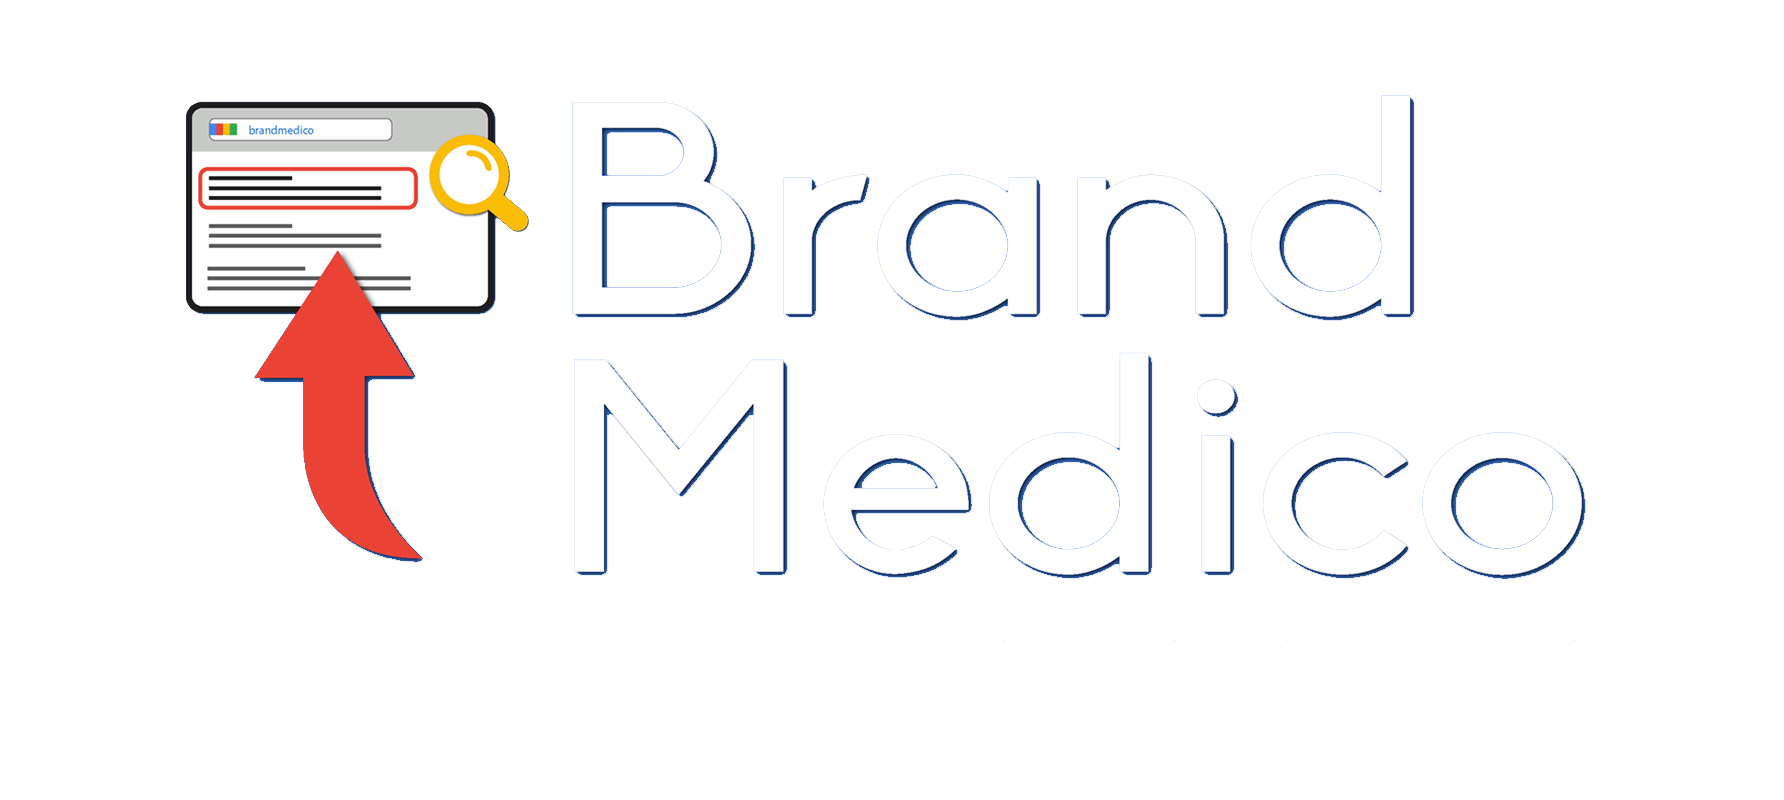 Brand Medico